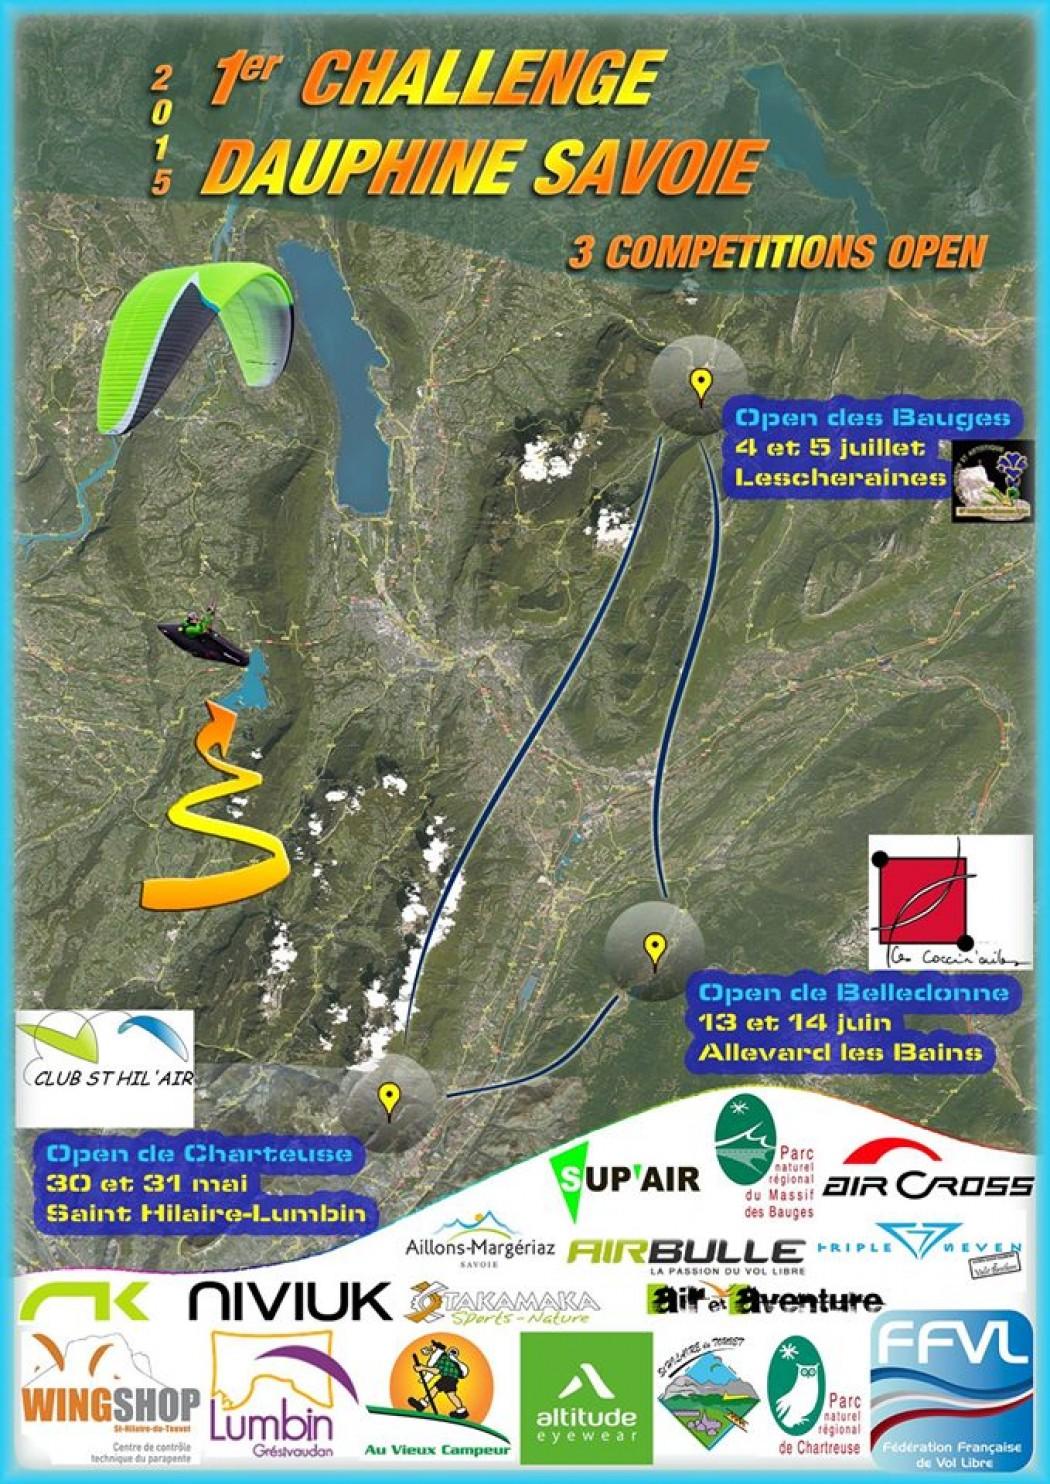 Le Challenge Dauphiné Savoie 2015, 3 compétitions dans 3 massifs